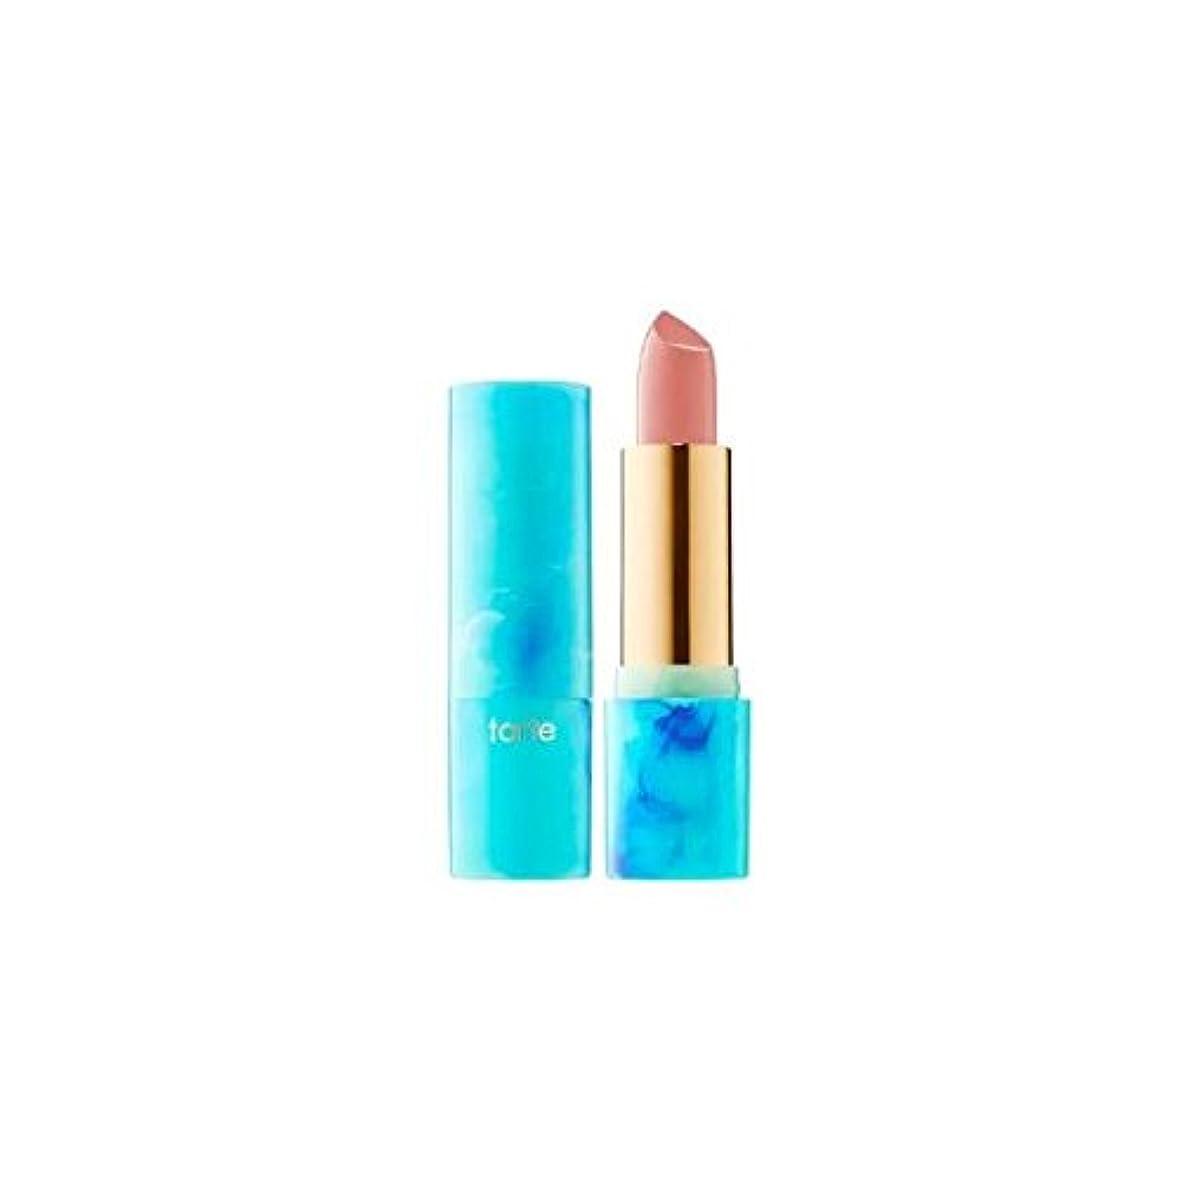 ティッシュ原子炉知恵tarteタルト リップ Color Splash Lipstick - Rainforest of the Sea Collection Satin finish